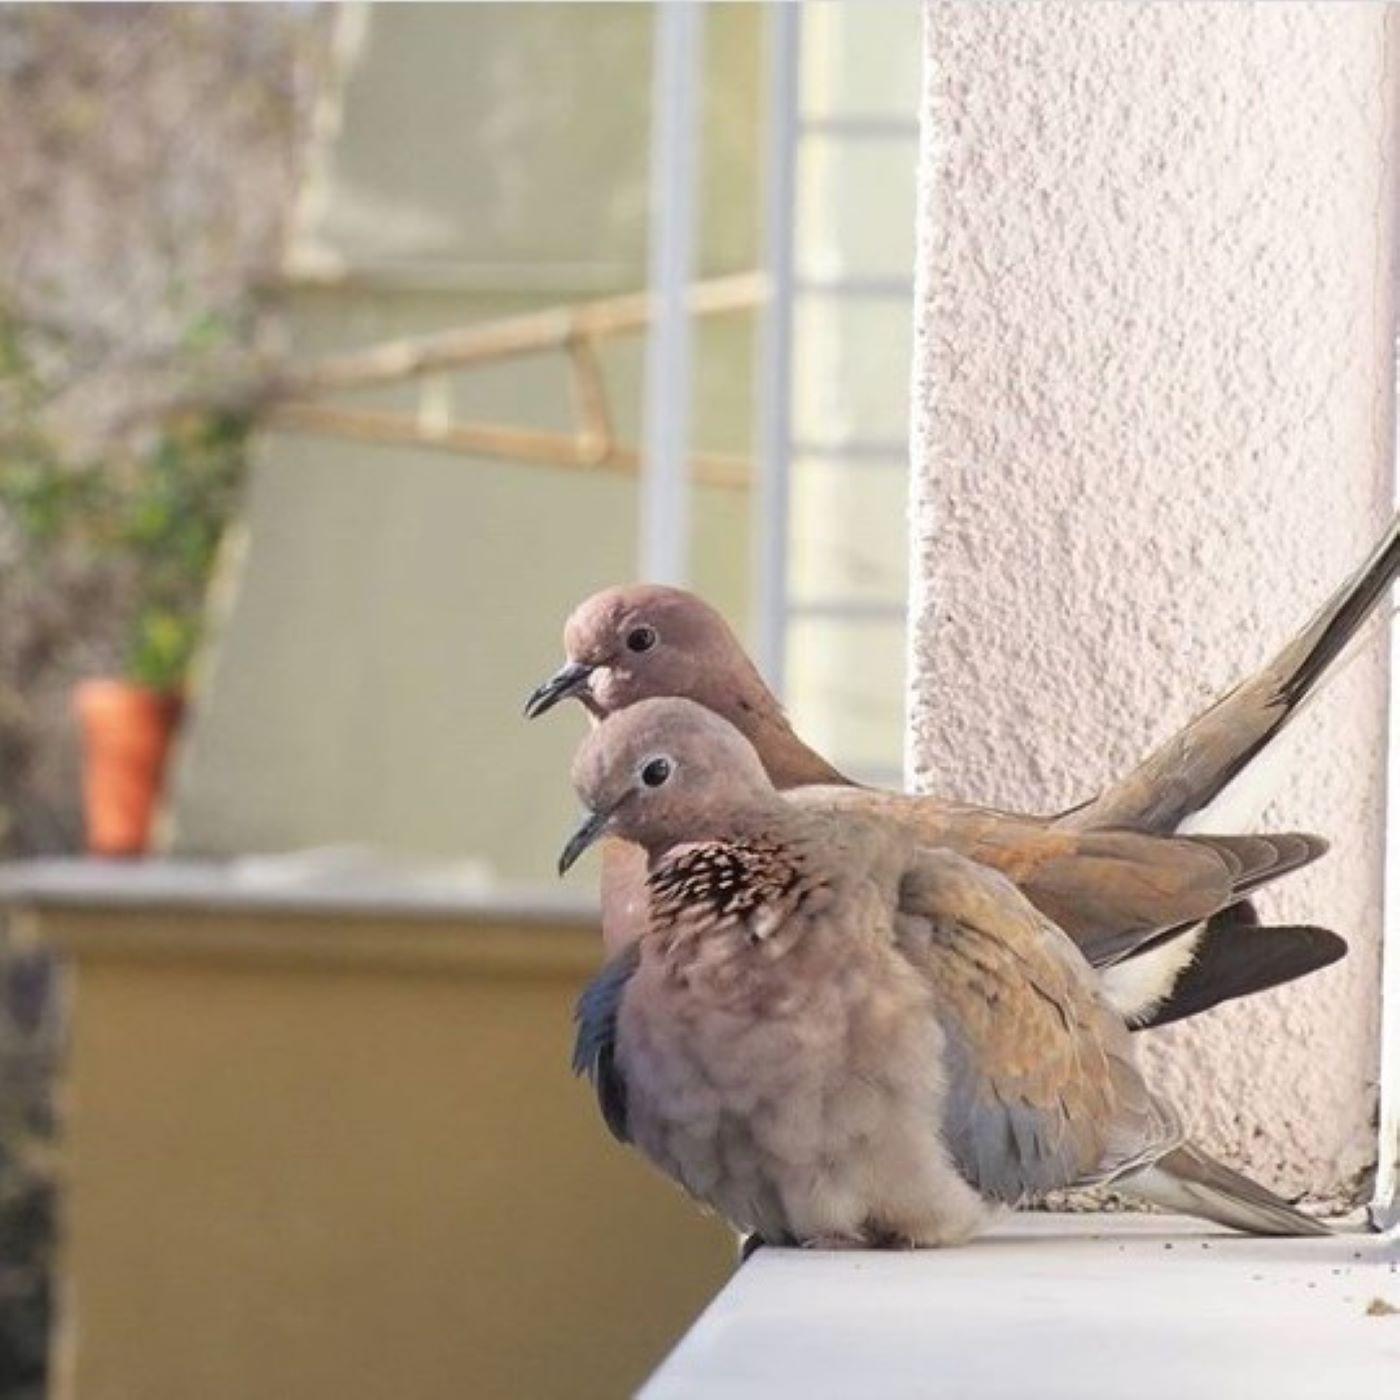 Şehir Kuşçusu 4 - Balkondan kuş gözlemi